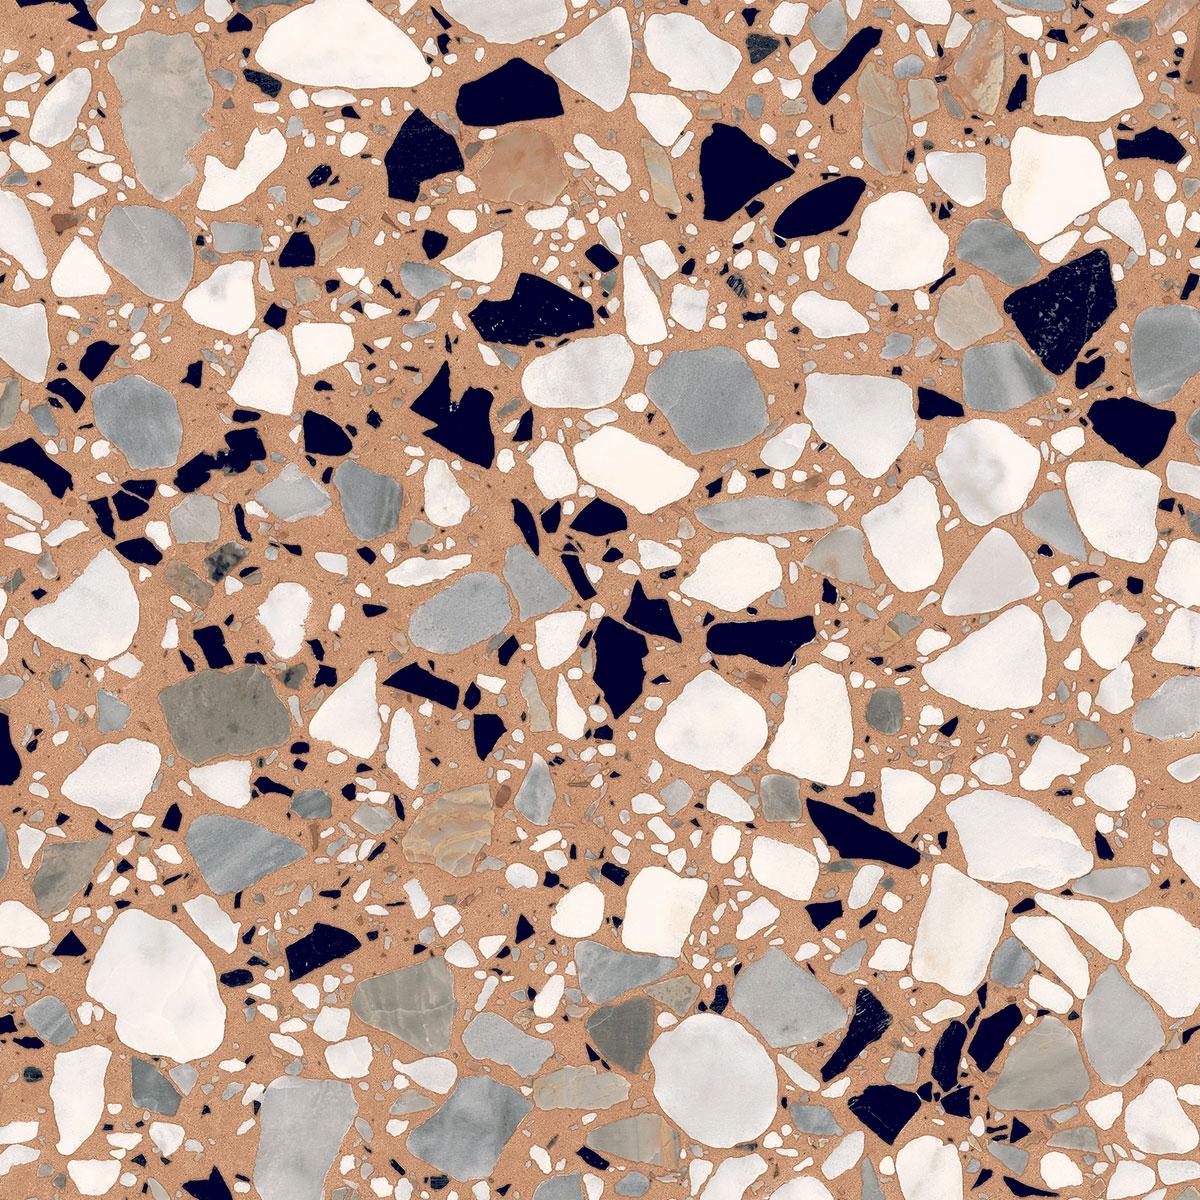 Fragment Macro - Terracotta - Matt - Terrazzo Look - Stone3 Brisbane